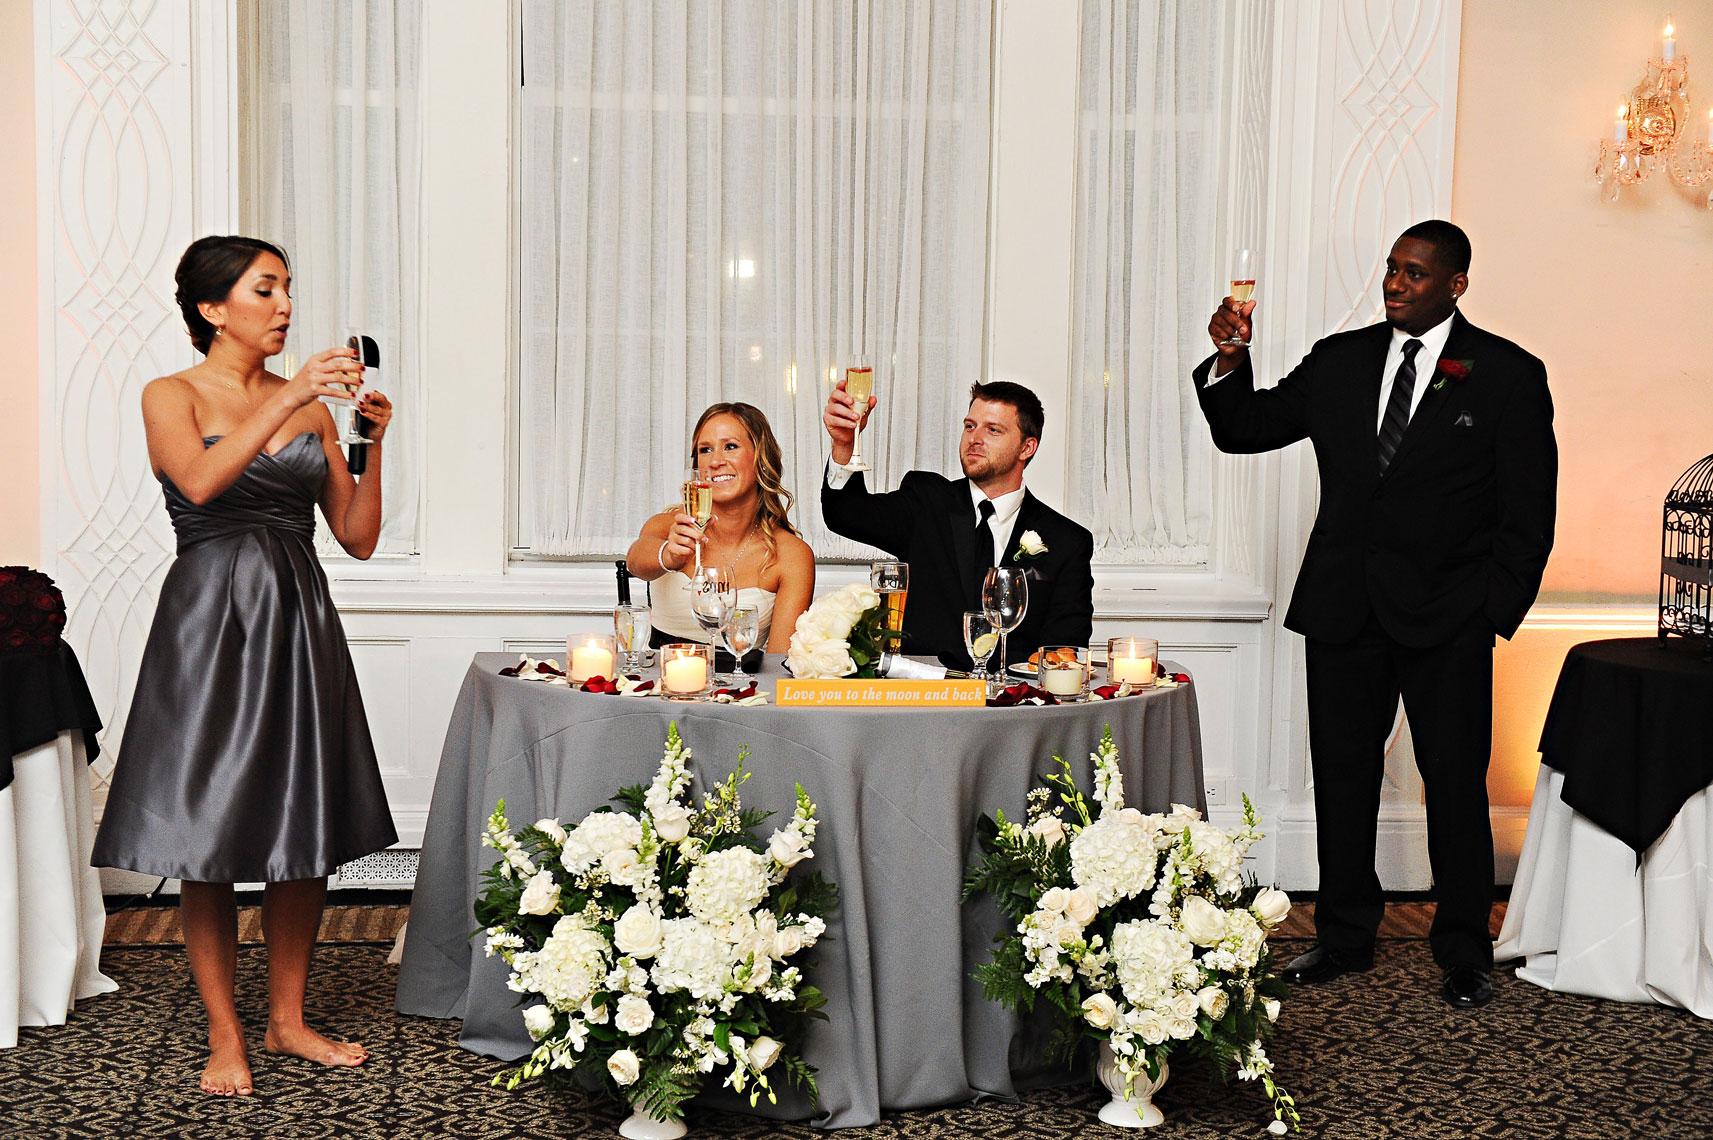 berkeleyoceanfrontwedding-114